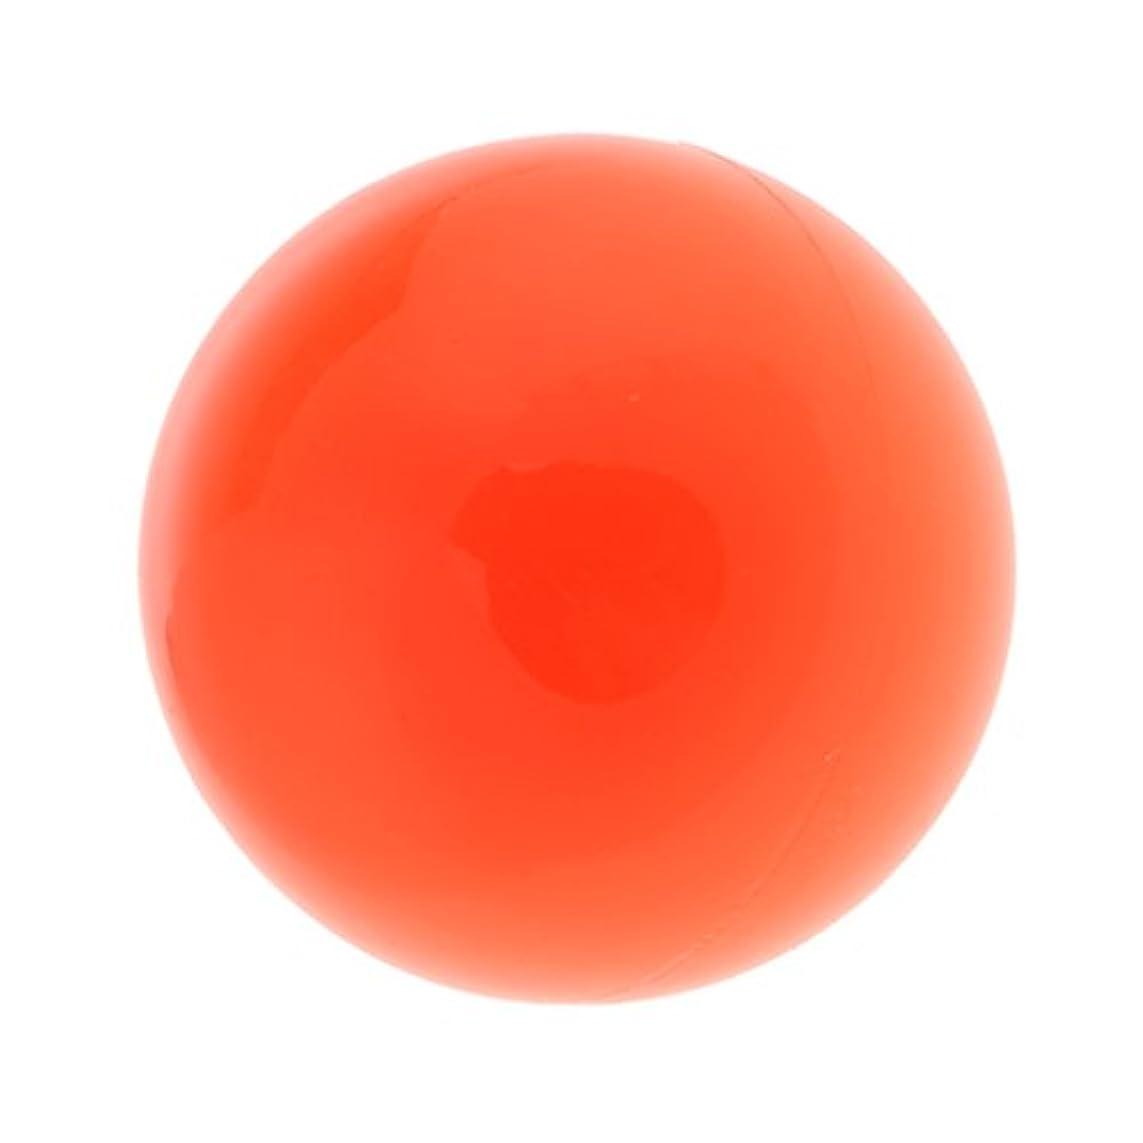 容量ペン浅いsharprepublic 体育館の家の練習の練習のヨガの試しのための制動機ポイント自己マッサージの球